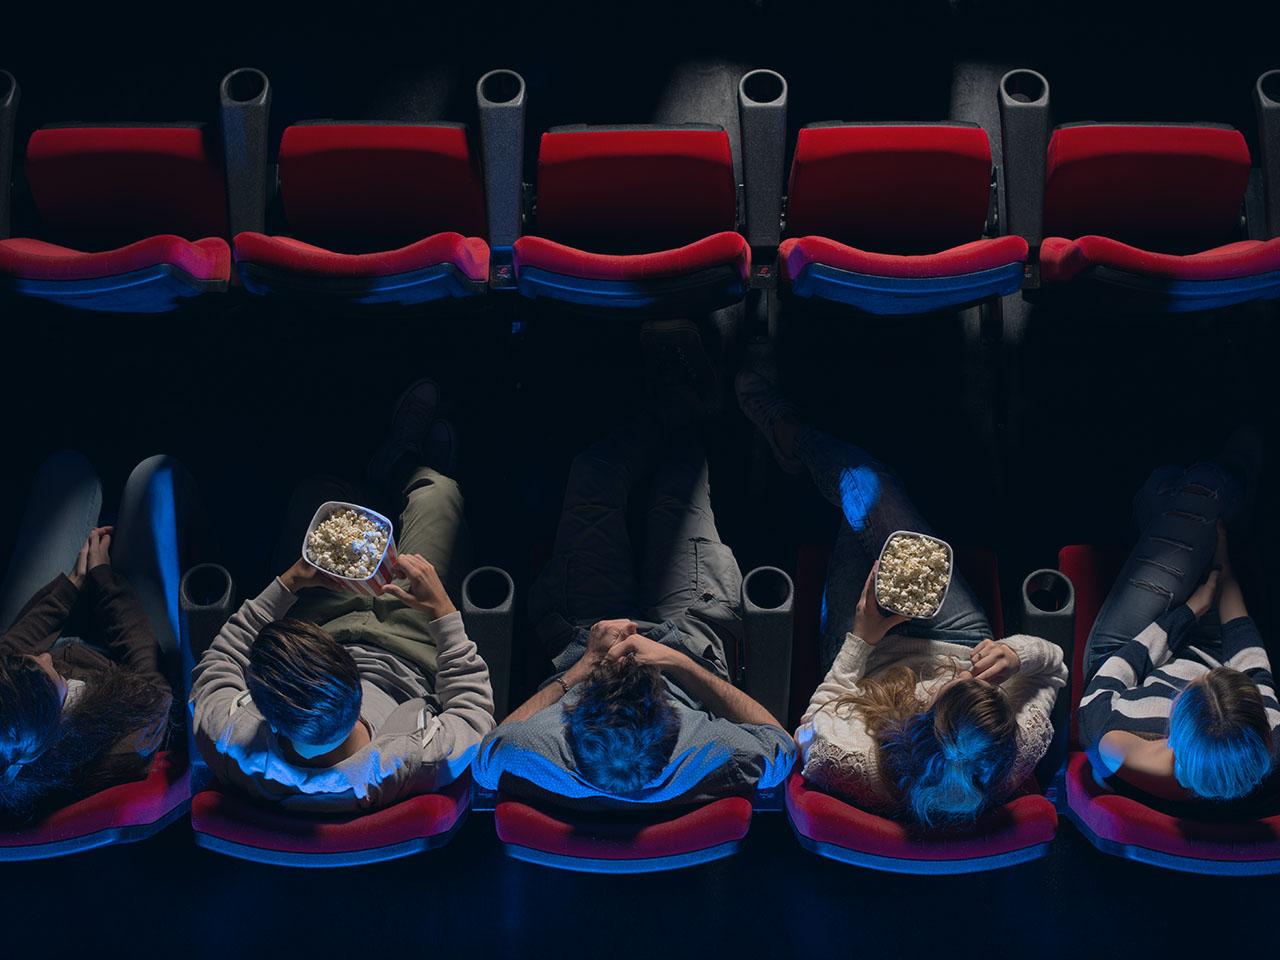 Resultado de imagen de 3 películas sobre ciberseguridad empresarial y ciberguerra